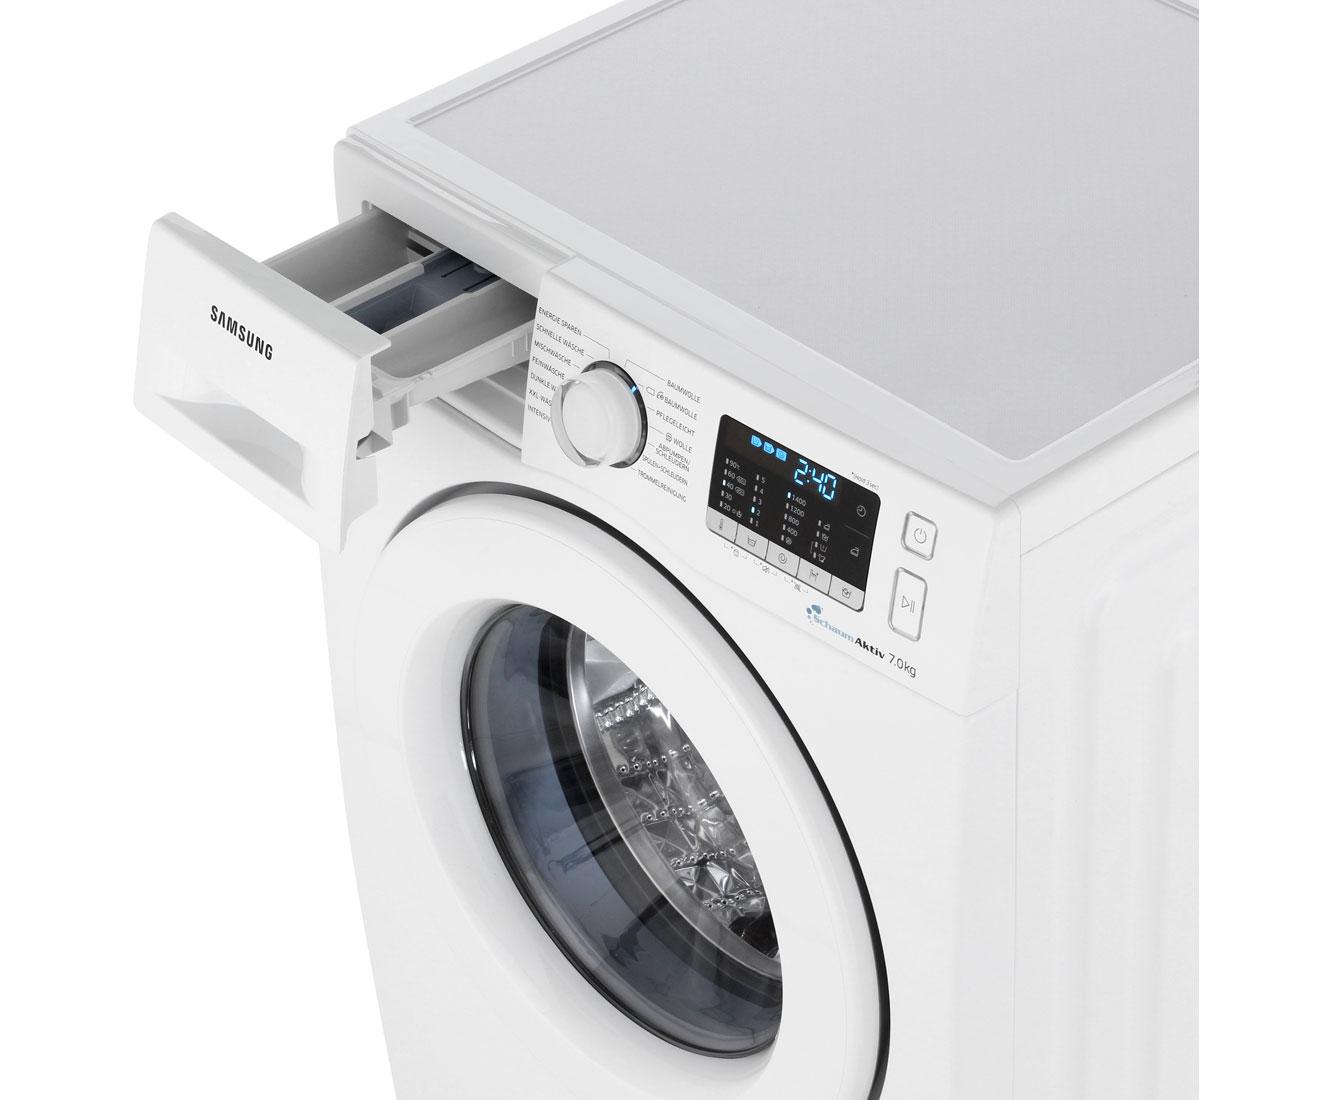 samsung ww70j5585mw eg waschmaschine freistehend wei neu. Black Bedroom Furniture Sets. Home Design Ideas